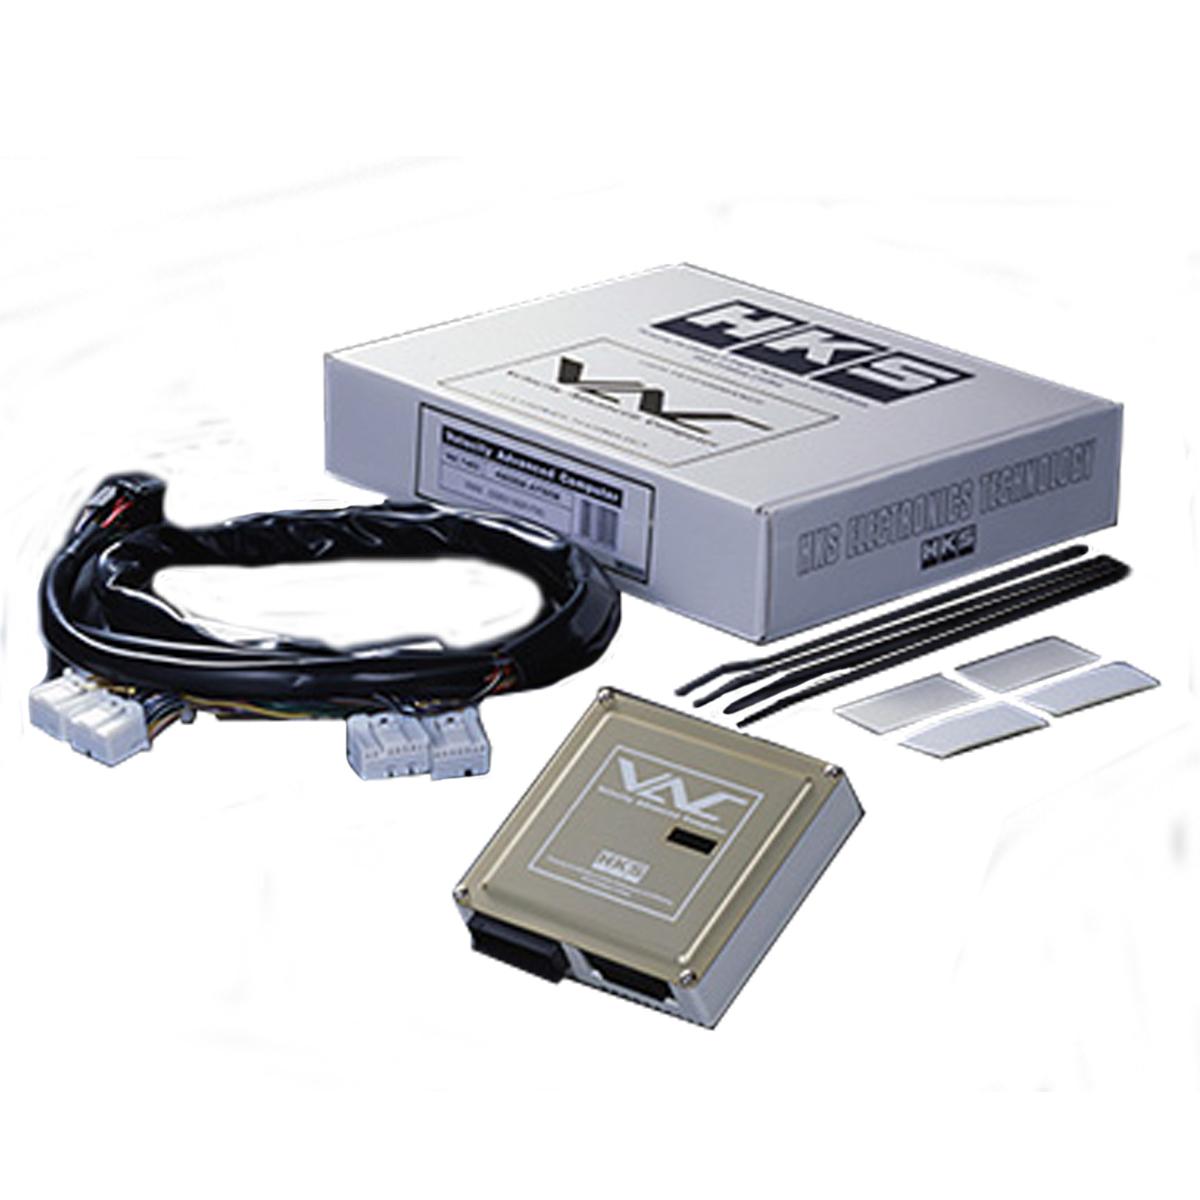 クラウン スピードリミッターカット VAC ヴェロシティー アドバンスド コンピューター GRS204 HKS 45002-AT012 エレクトリニクス 個人宅発送追金有